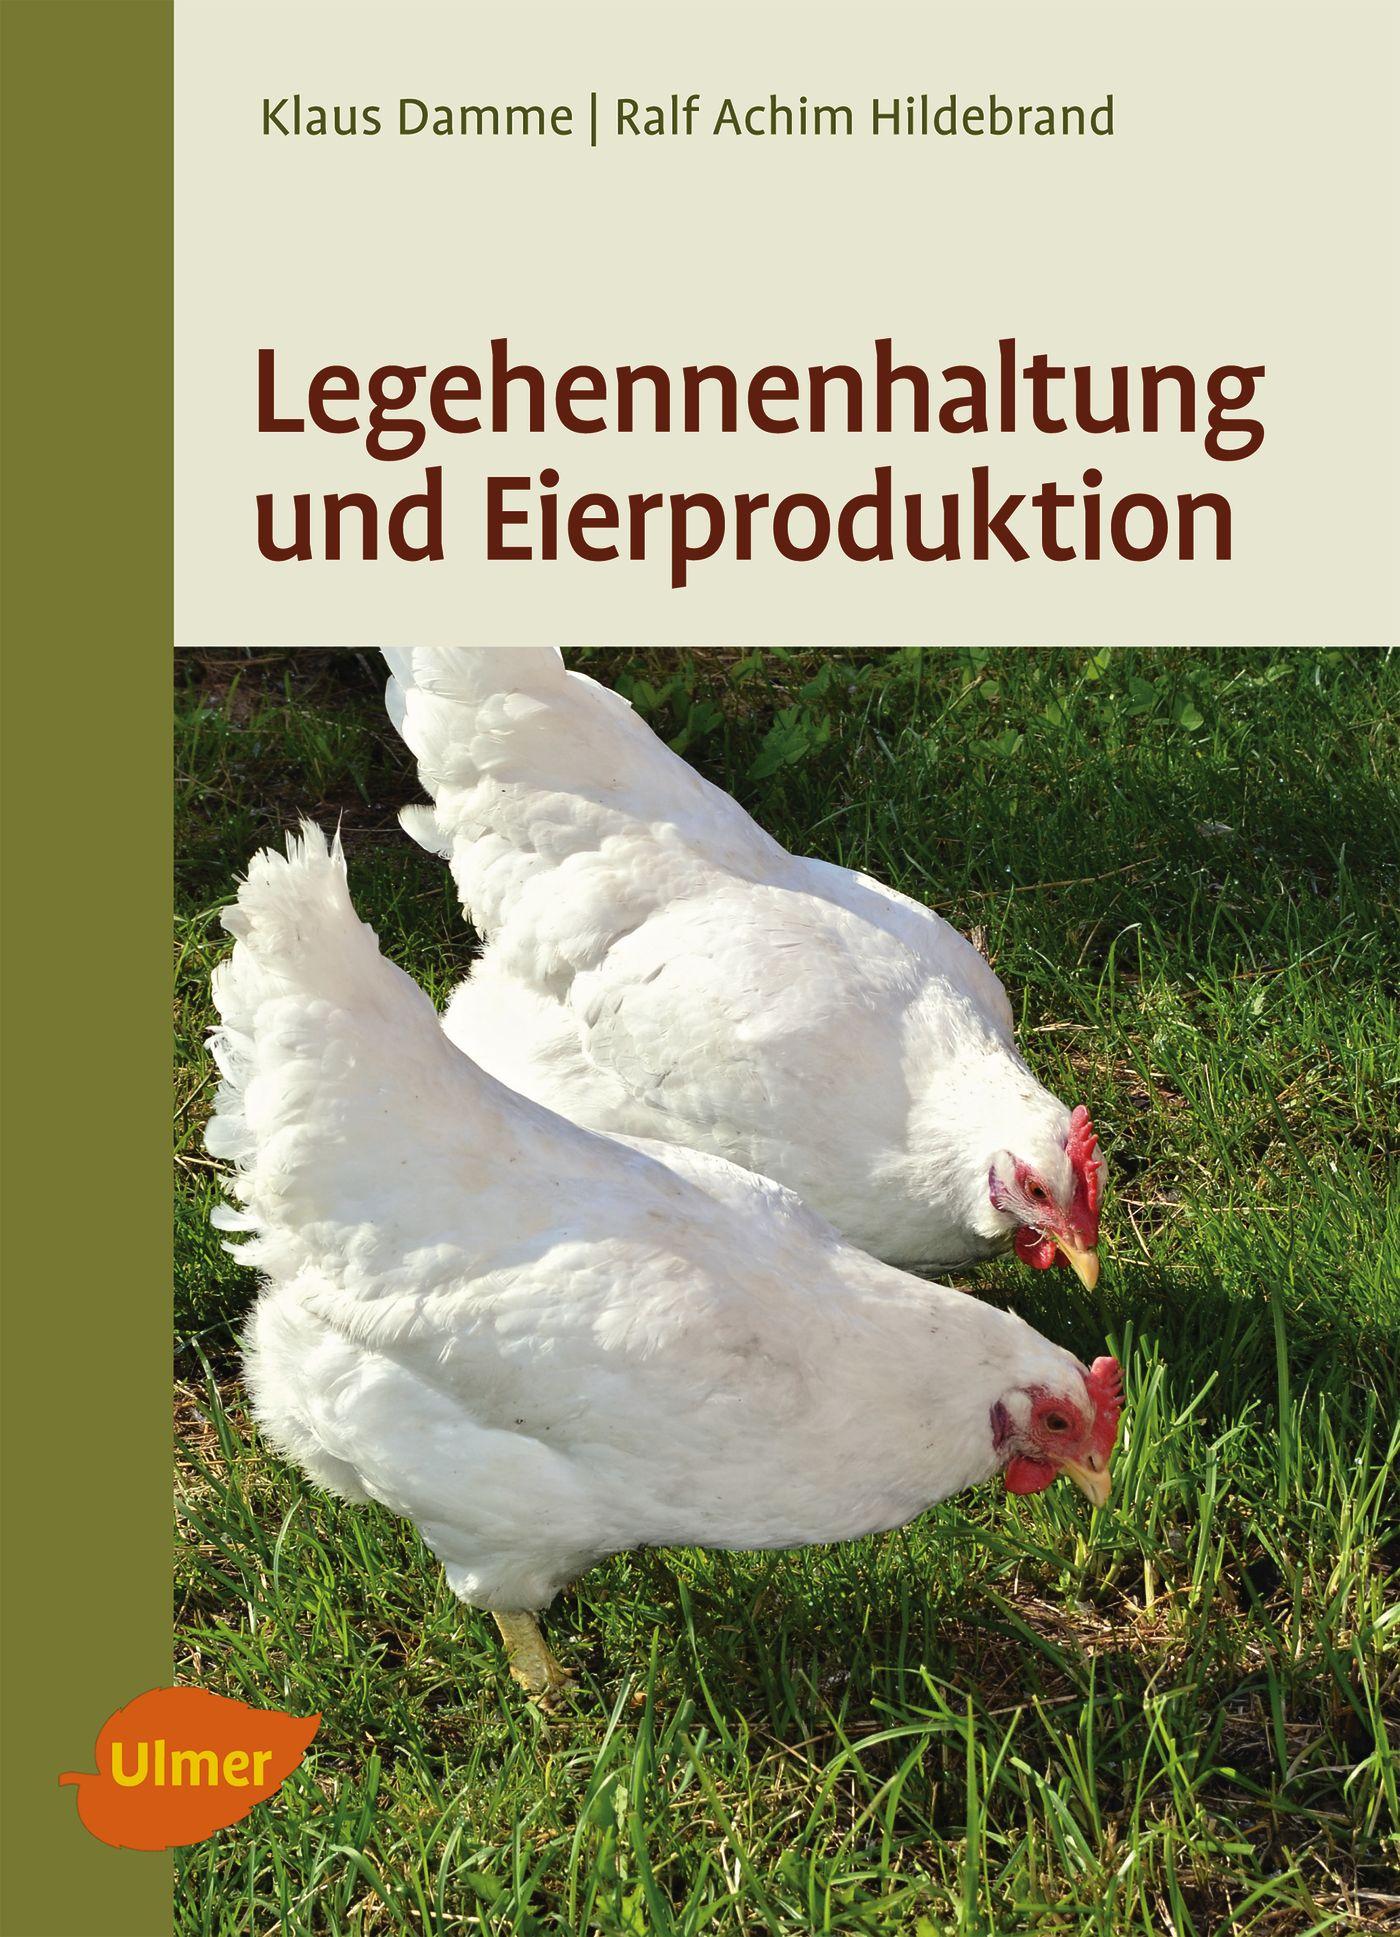 Legehennenhaltung und Eierproduktion - Dr. Klaus Damme